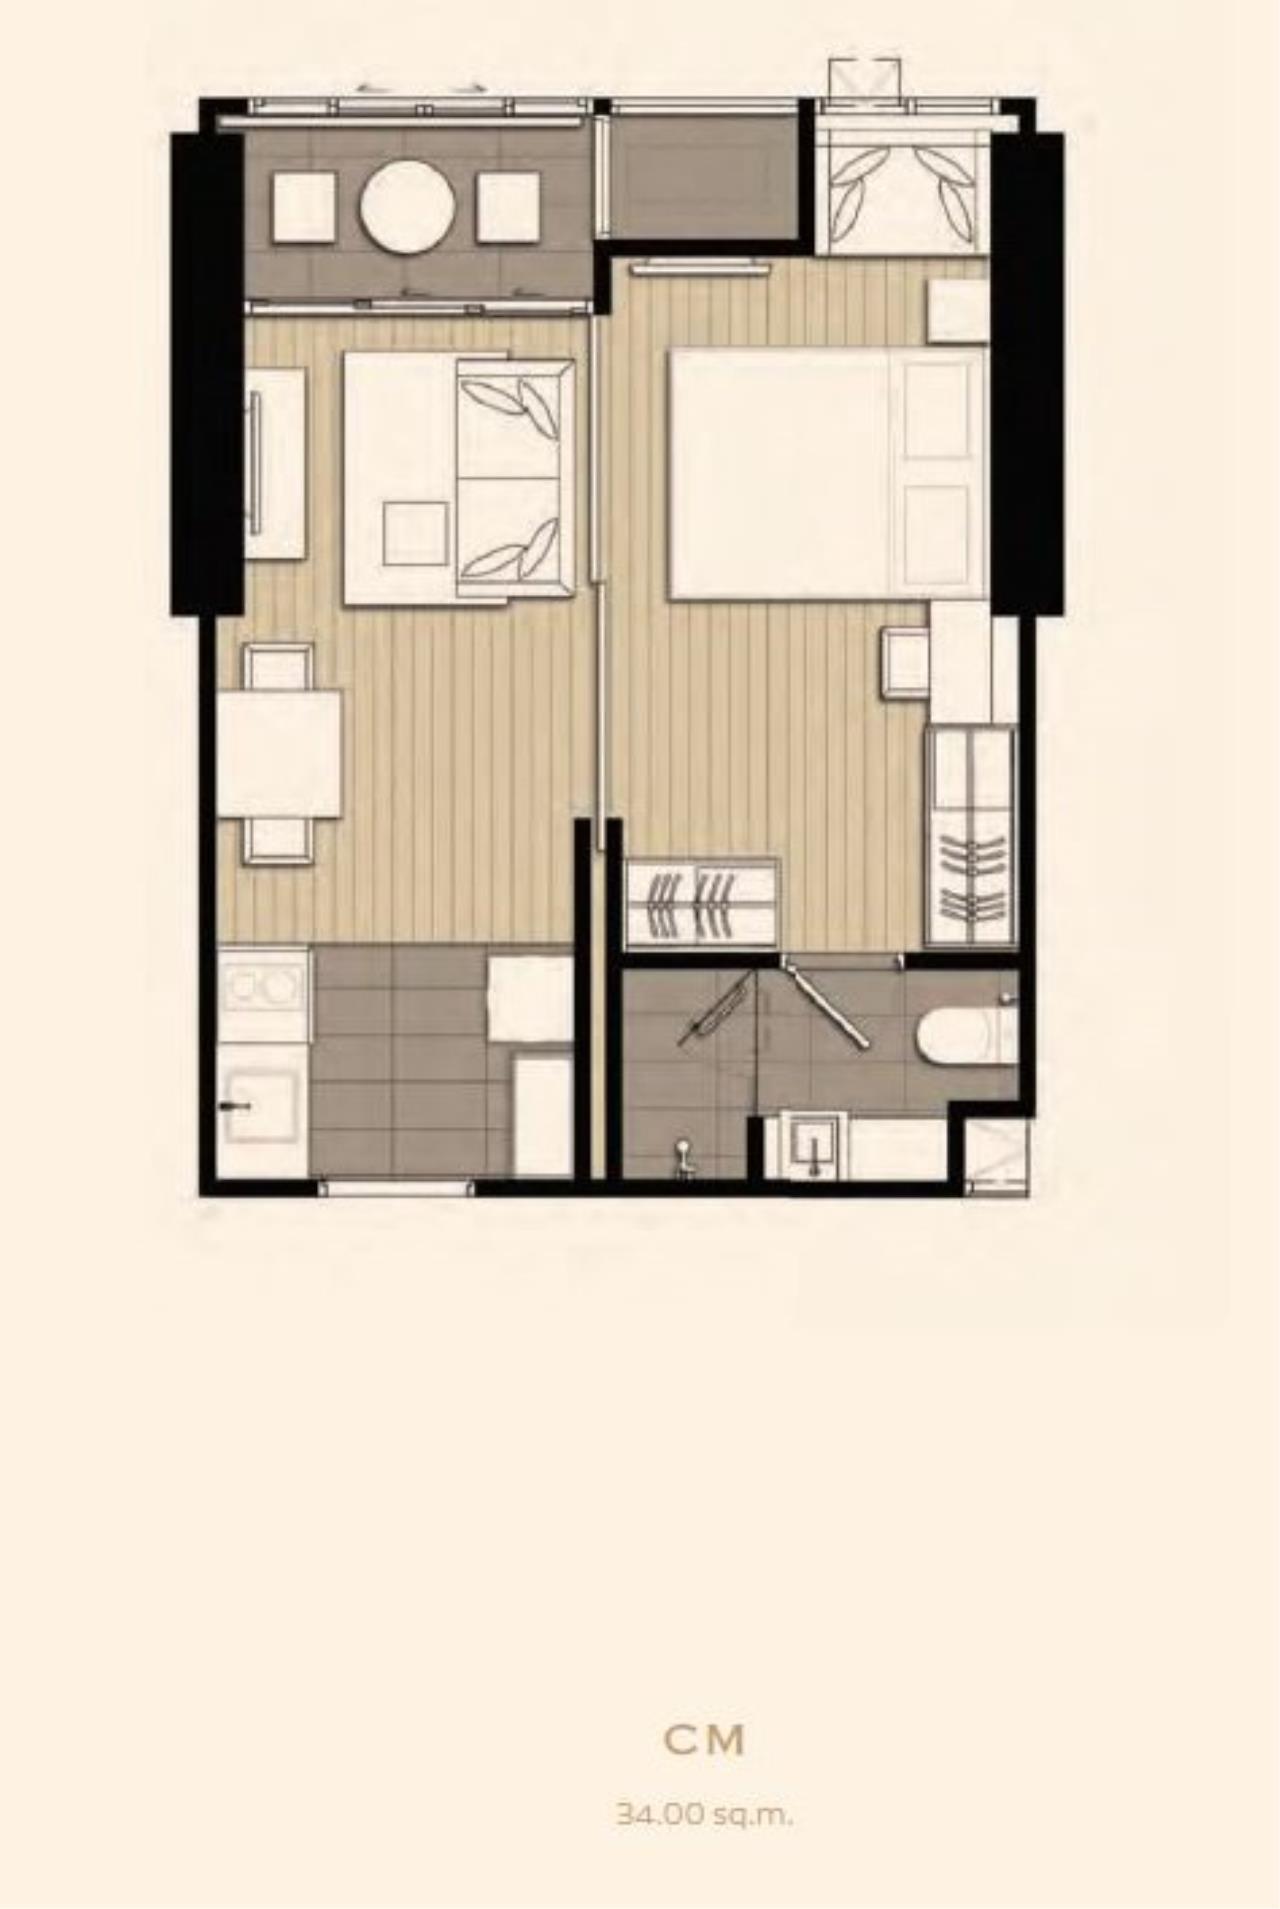 Landscope Thailand Agency's Ashton Asoke 41st floor 34.5 sq.m. 1-bedroom for sale 4